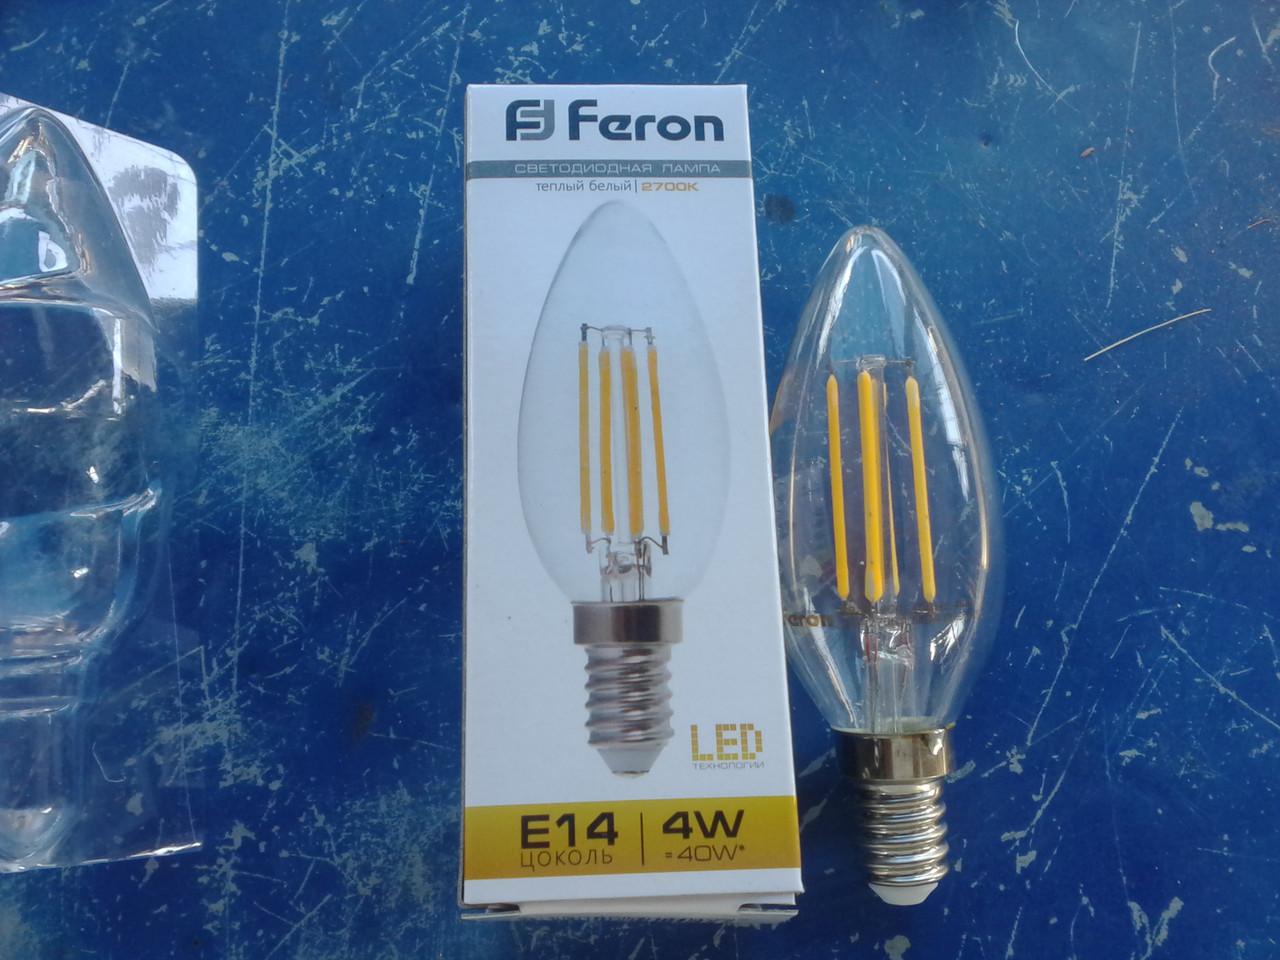 Filament Лампа декоративная Feron LB-58 4W 4 LED E14 2700K